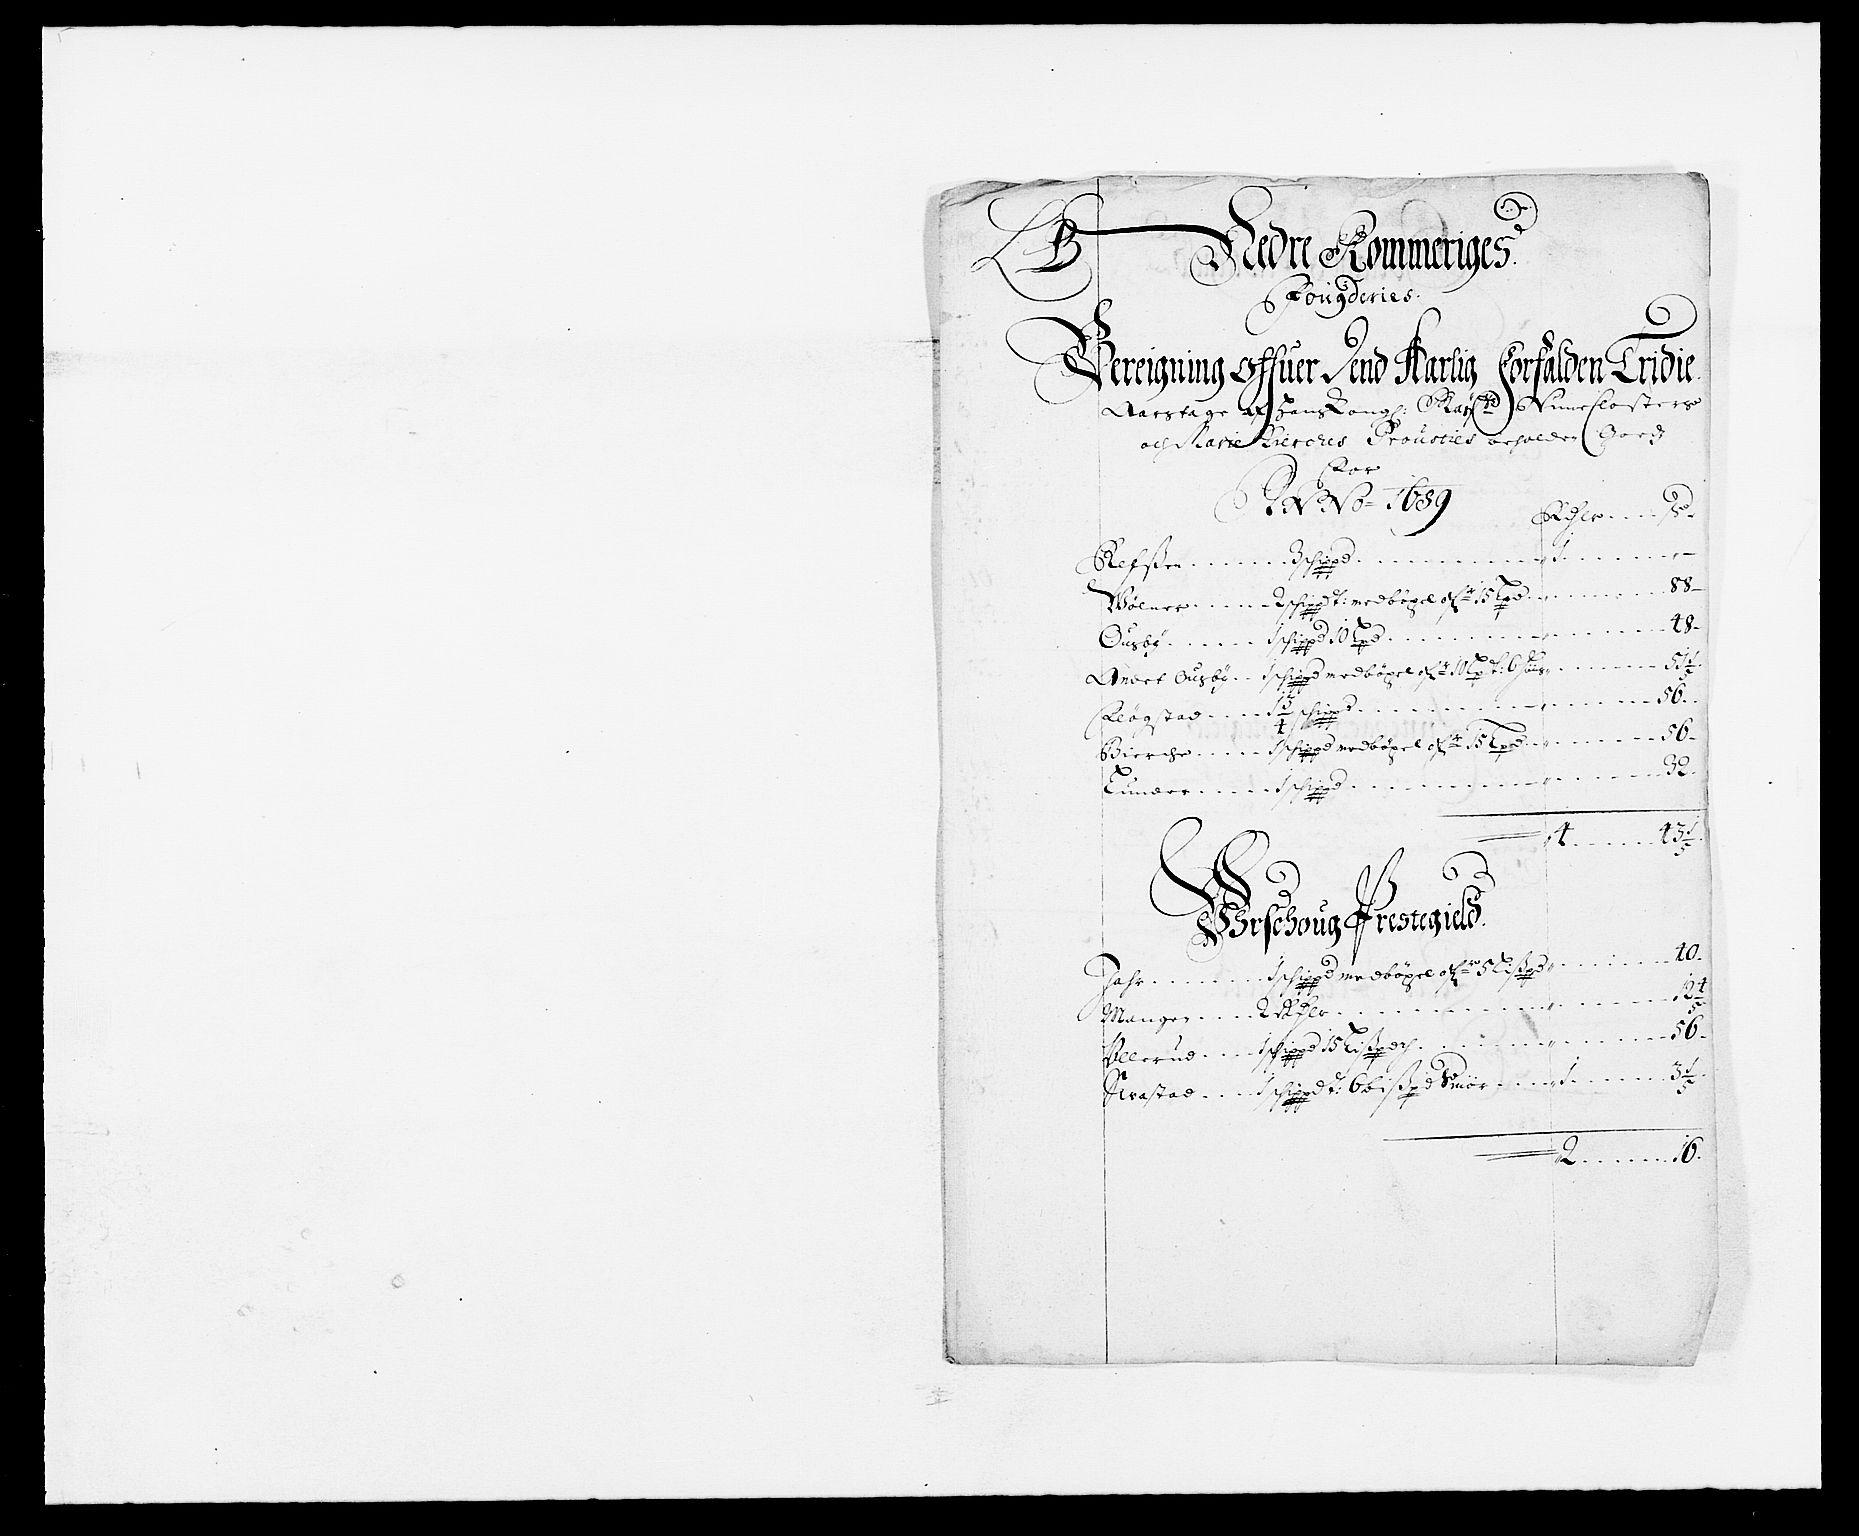 RA, Rentekammeret inntil 1814, Reviderte regnskaper, Fogderegnskap, R11/L0574: Fogderegnskap Nedre Romerike, 1689-1690, s. 9